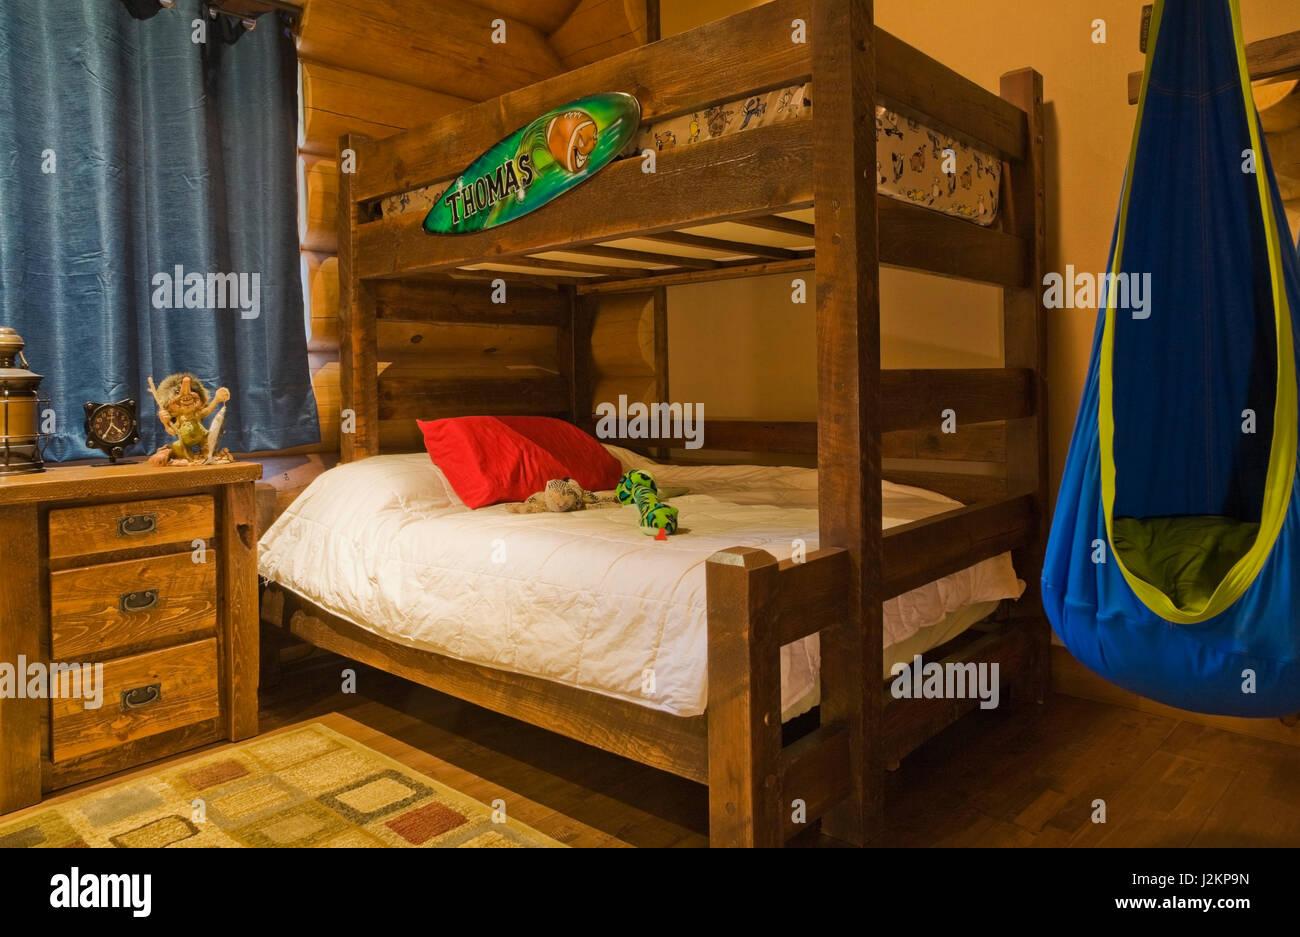 Alte Hölzerne Koje Bett Und Blau Und Grün Hängesessel In Jungen Schlafzimmer  Im Erdgeschoss In Ein Luxuriöses Skandinavischen Log Und Holz Cottage Stil  Nach ...